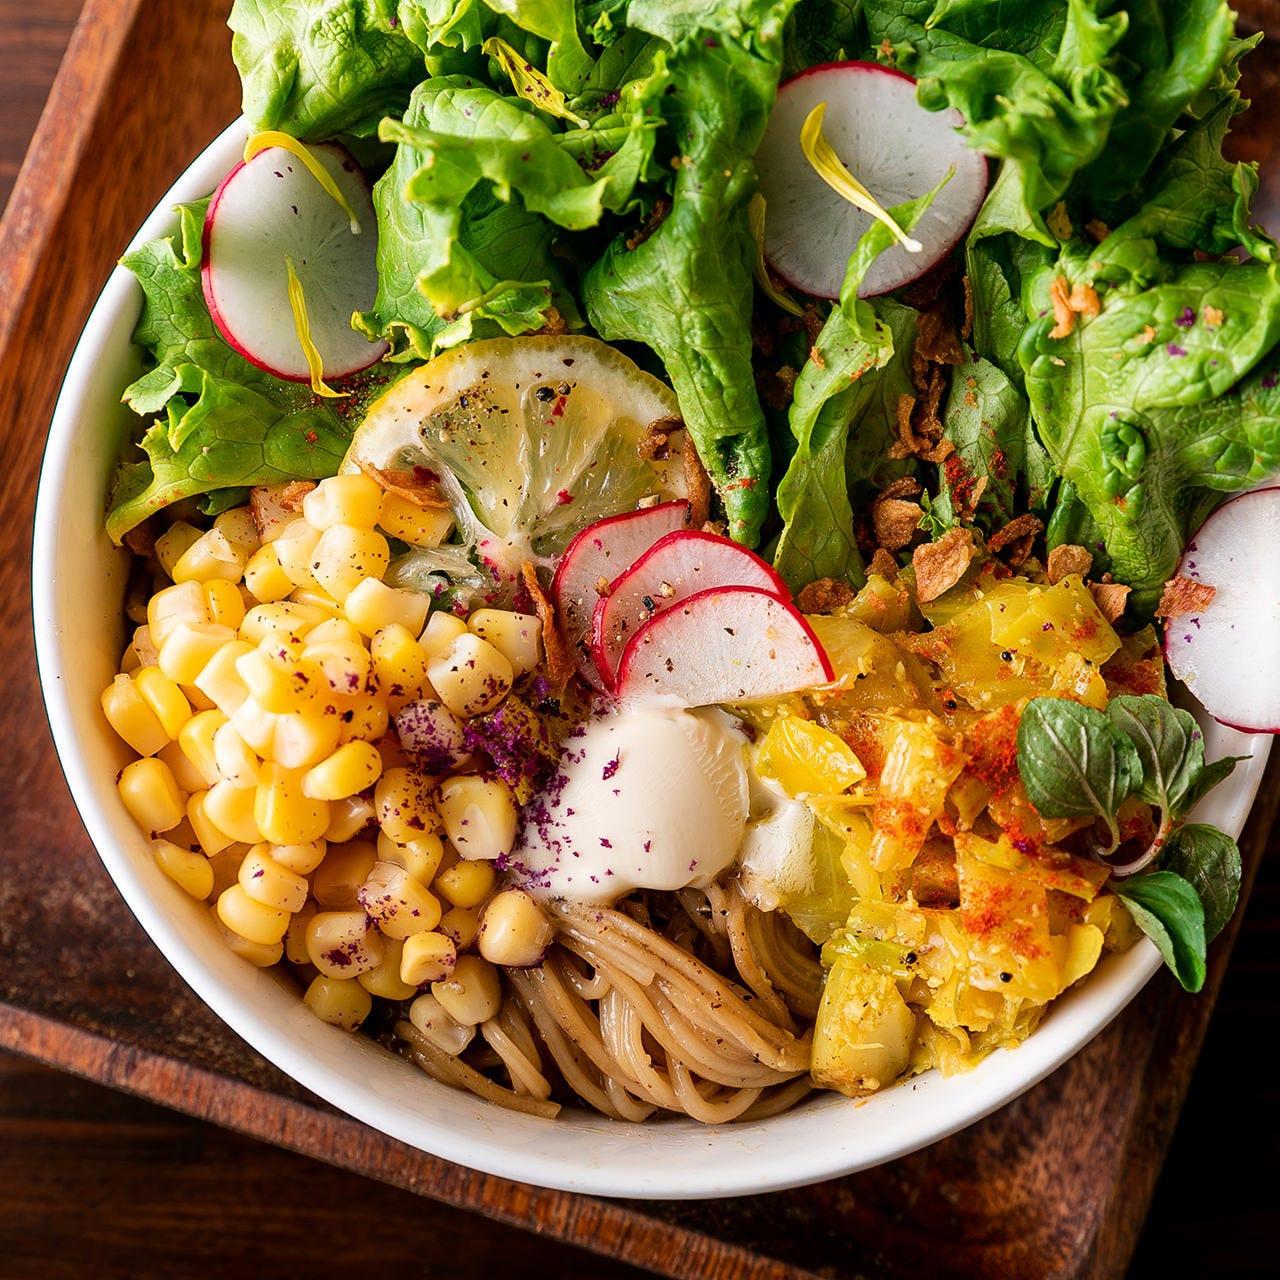 スパイスで野菜の旨味を引き出す逸品